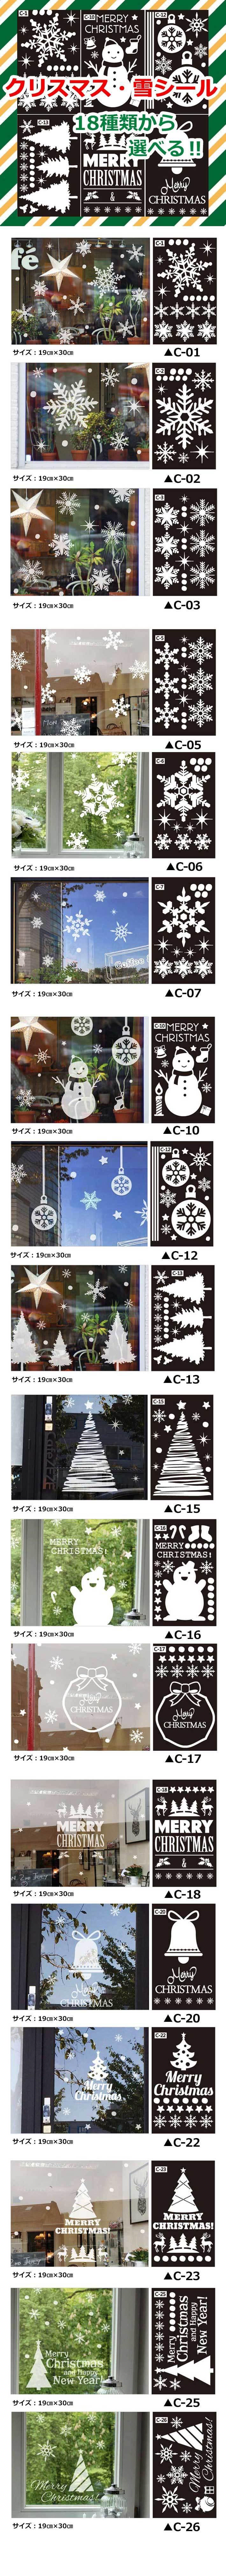 ウォールステッカー クリスマス 飾り 壁紙 シール 雪の結晶